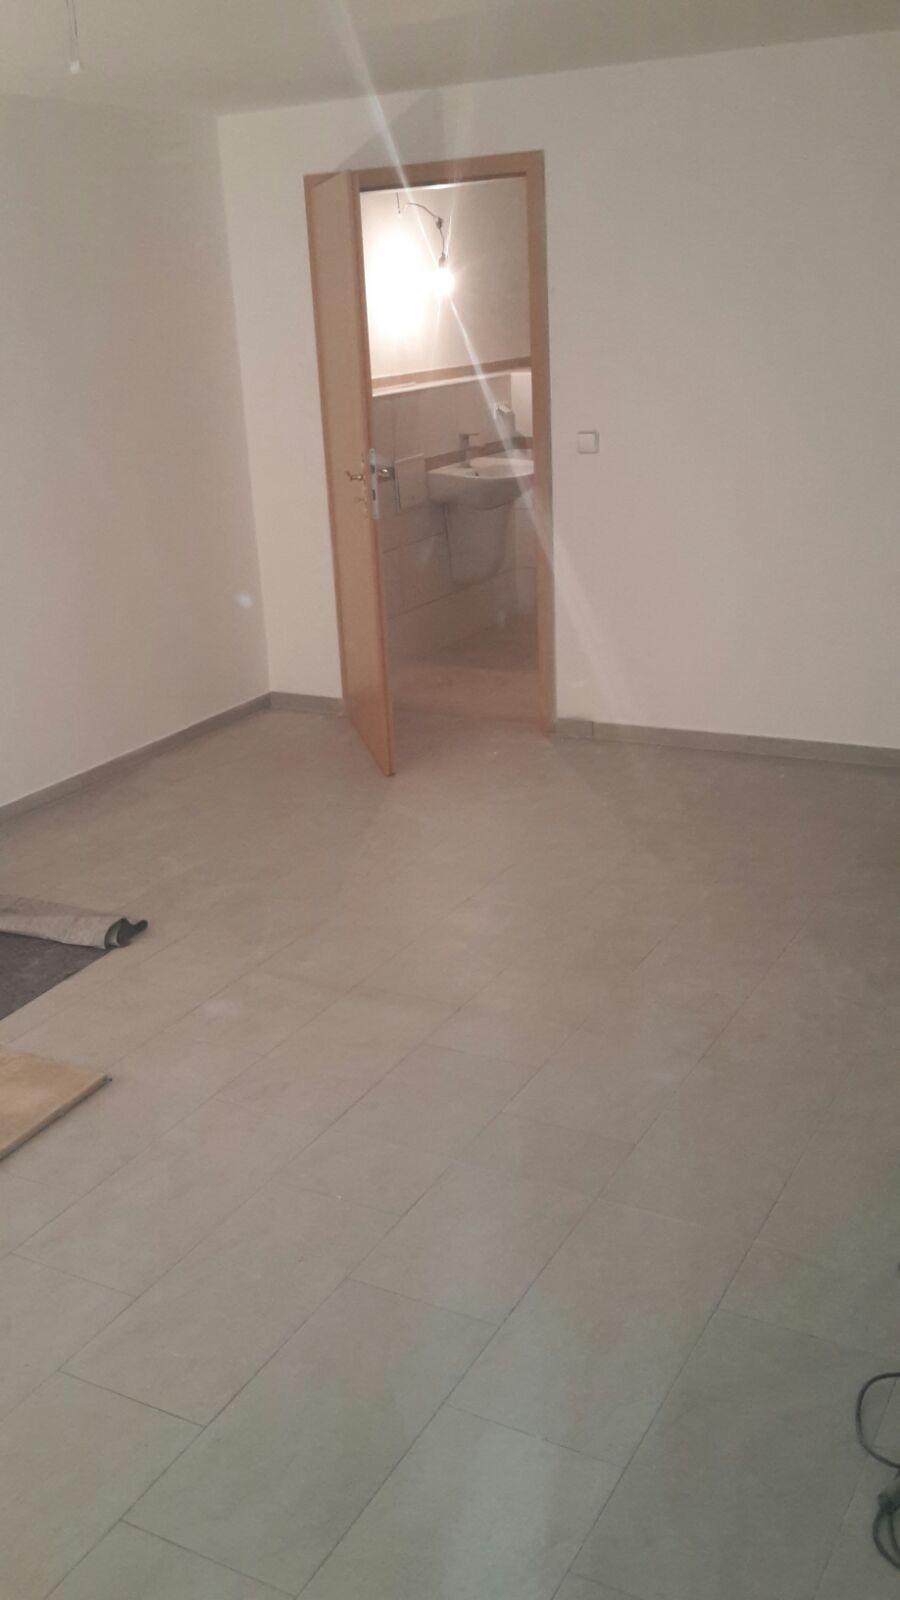 fliesen und mehr fliesenleger berlin professionell und effizient. Black Bedroom Furniture Sets. Home Design Ideas